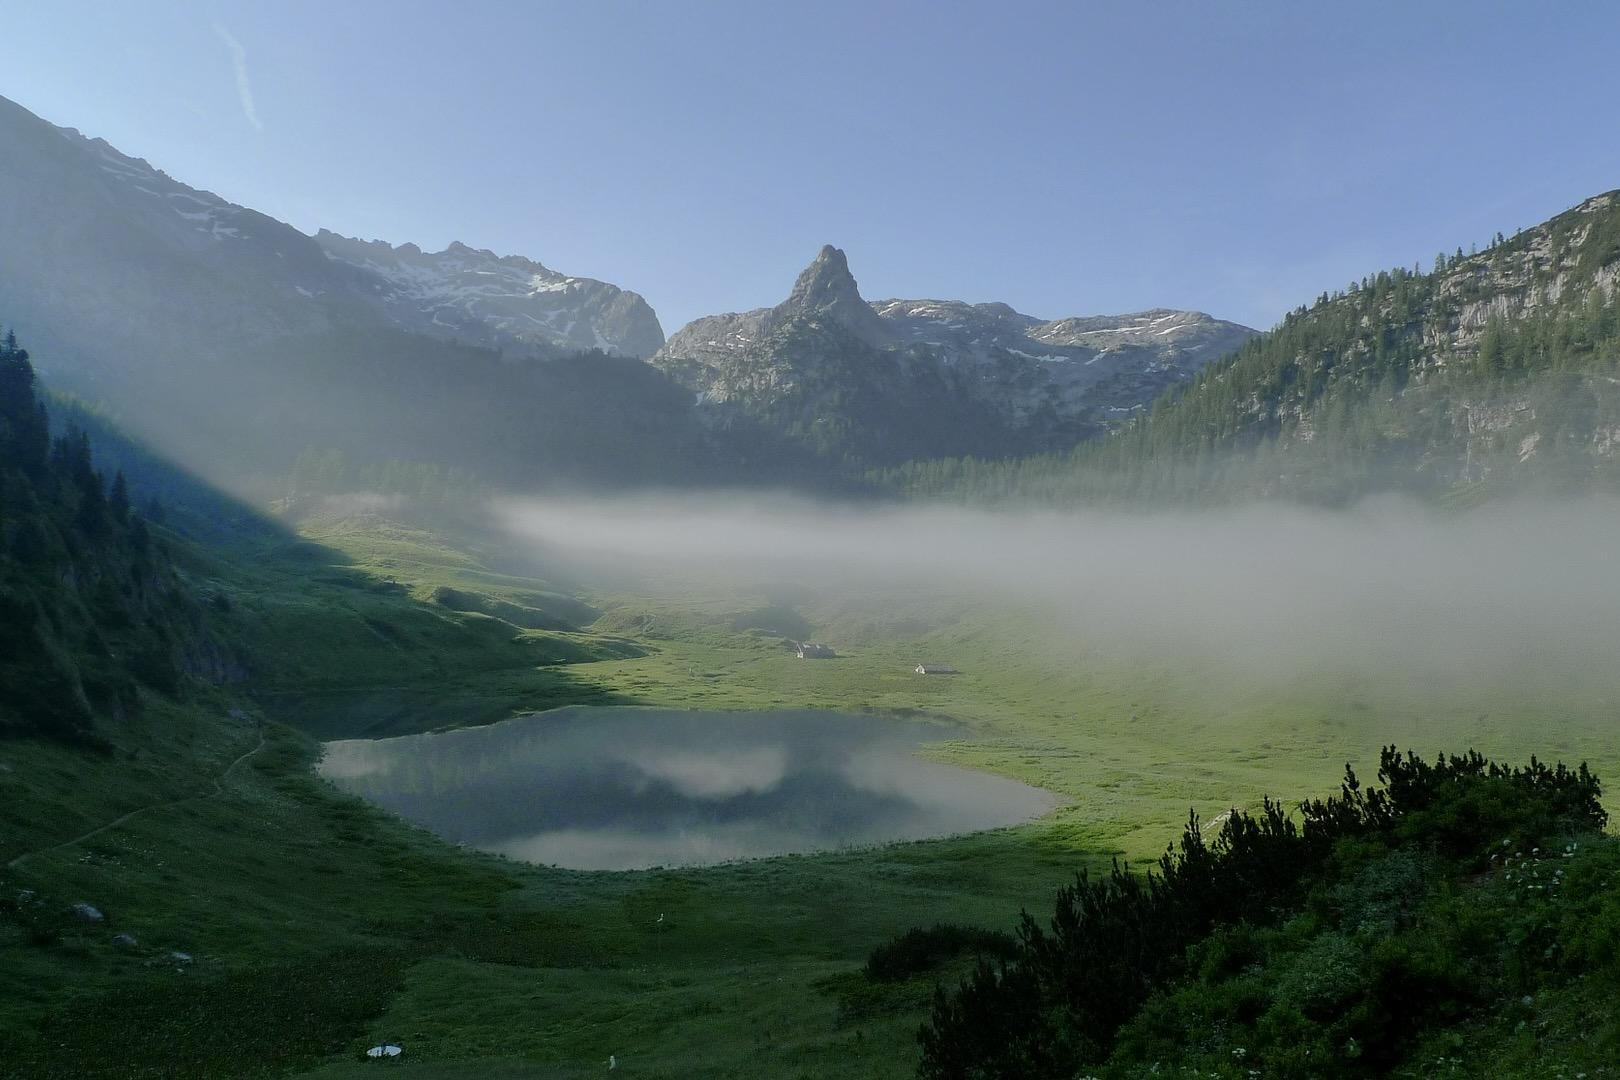 Der Funtensee ist ein See in Bayern